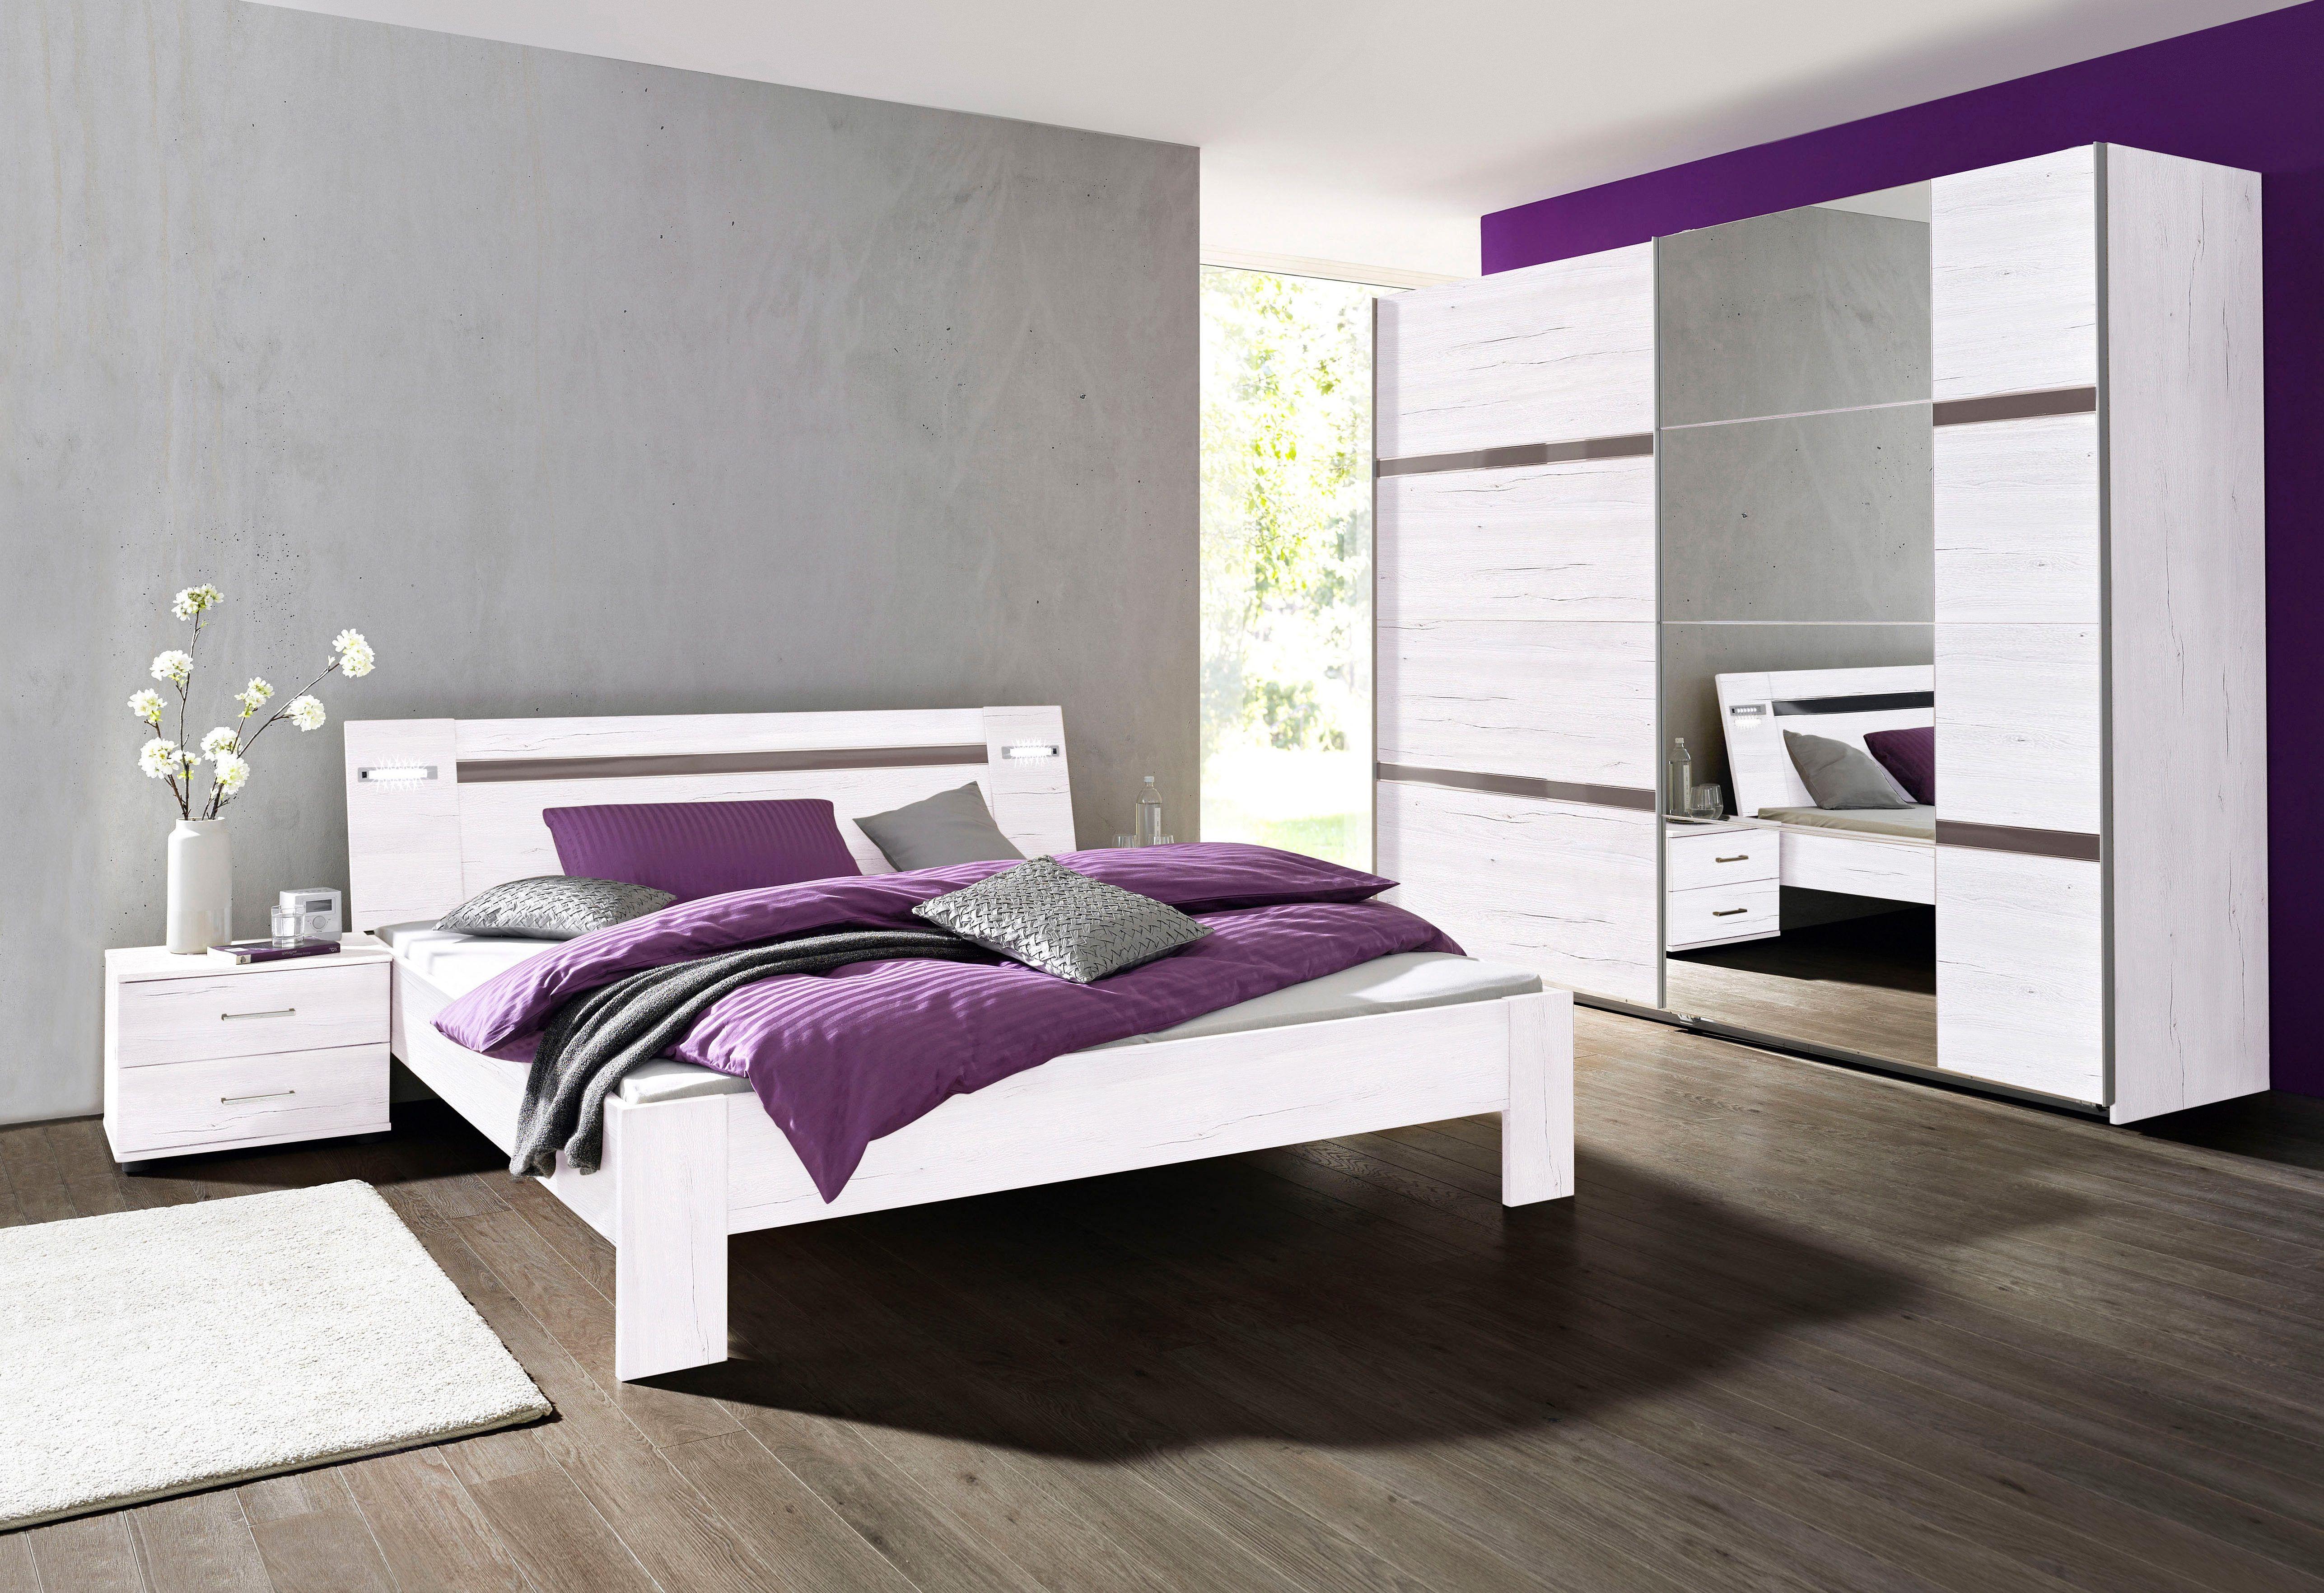 Schiebetürenschränke schlafzimmer ~ Genial schwebetürenschrank schlafzimmer deutsche deko